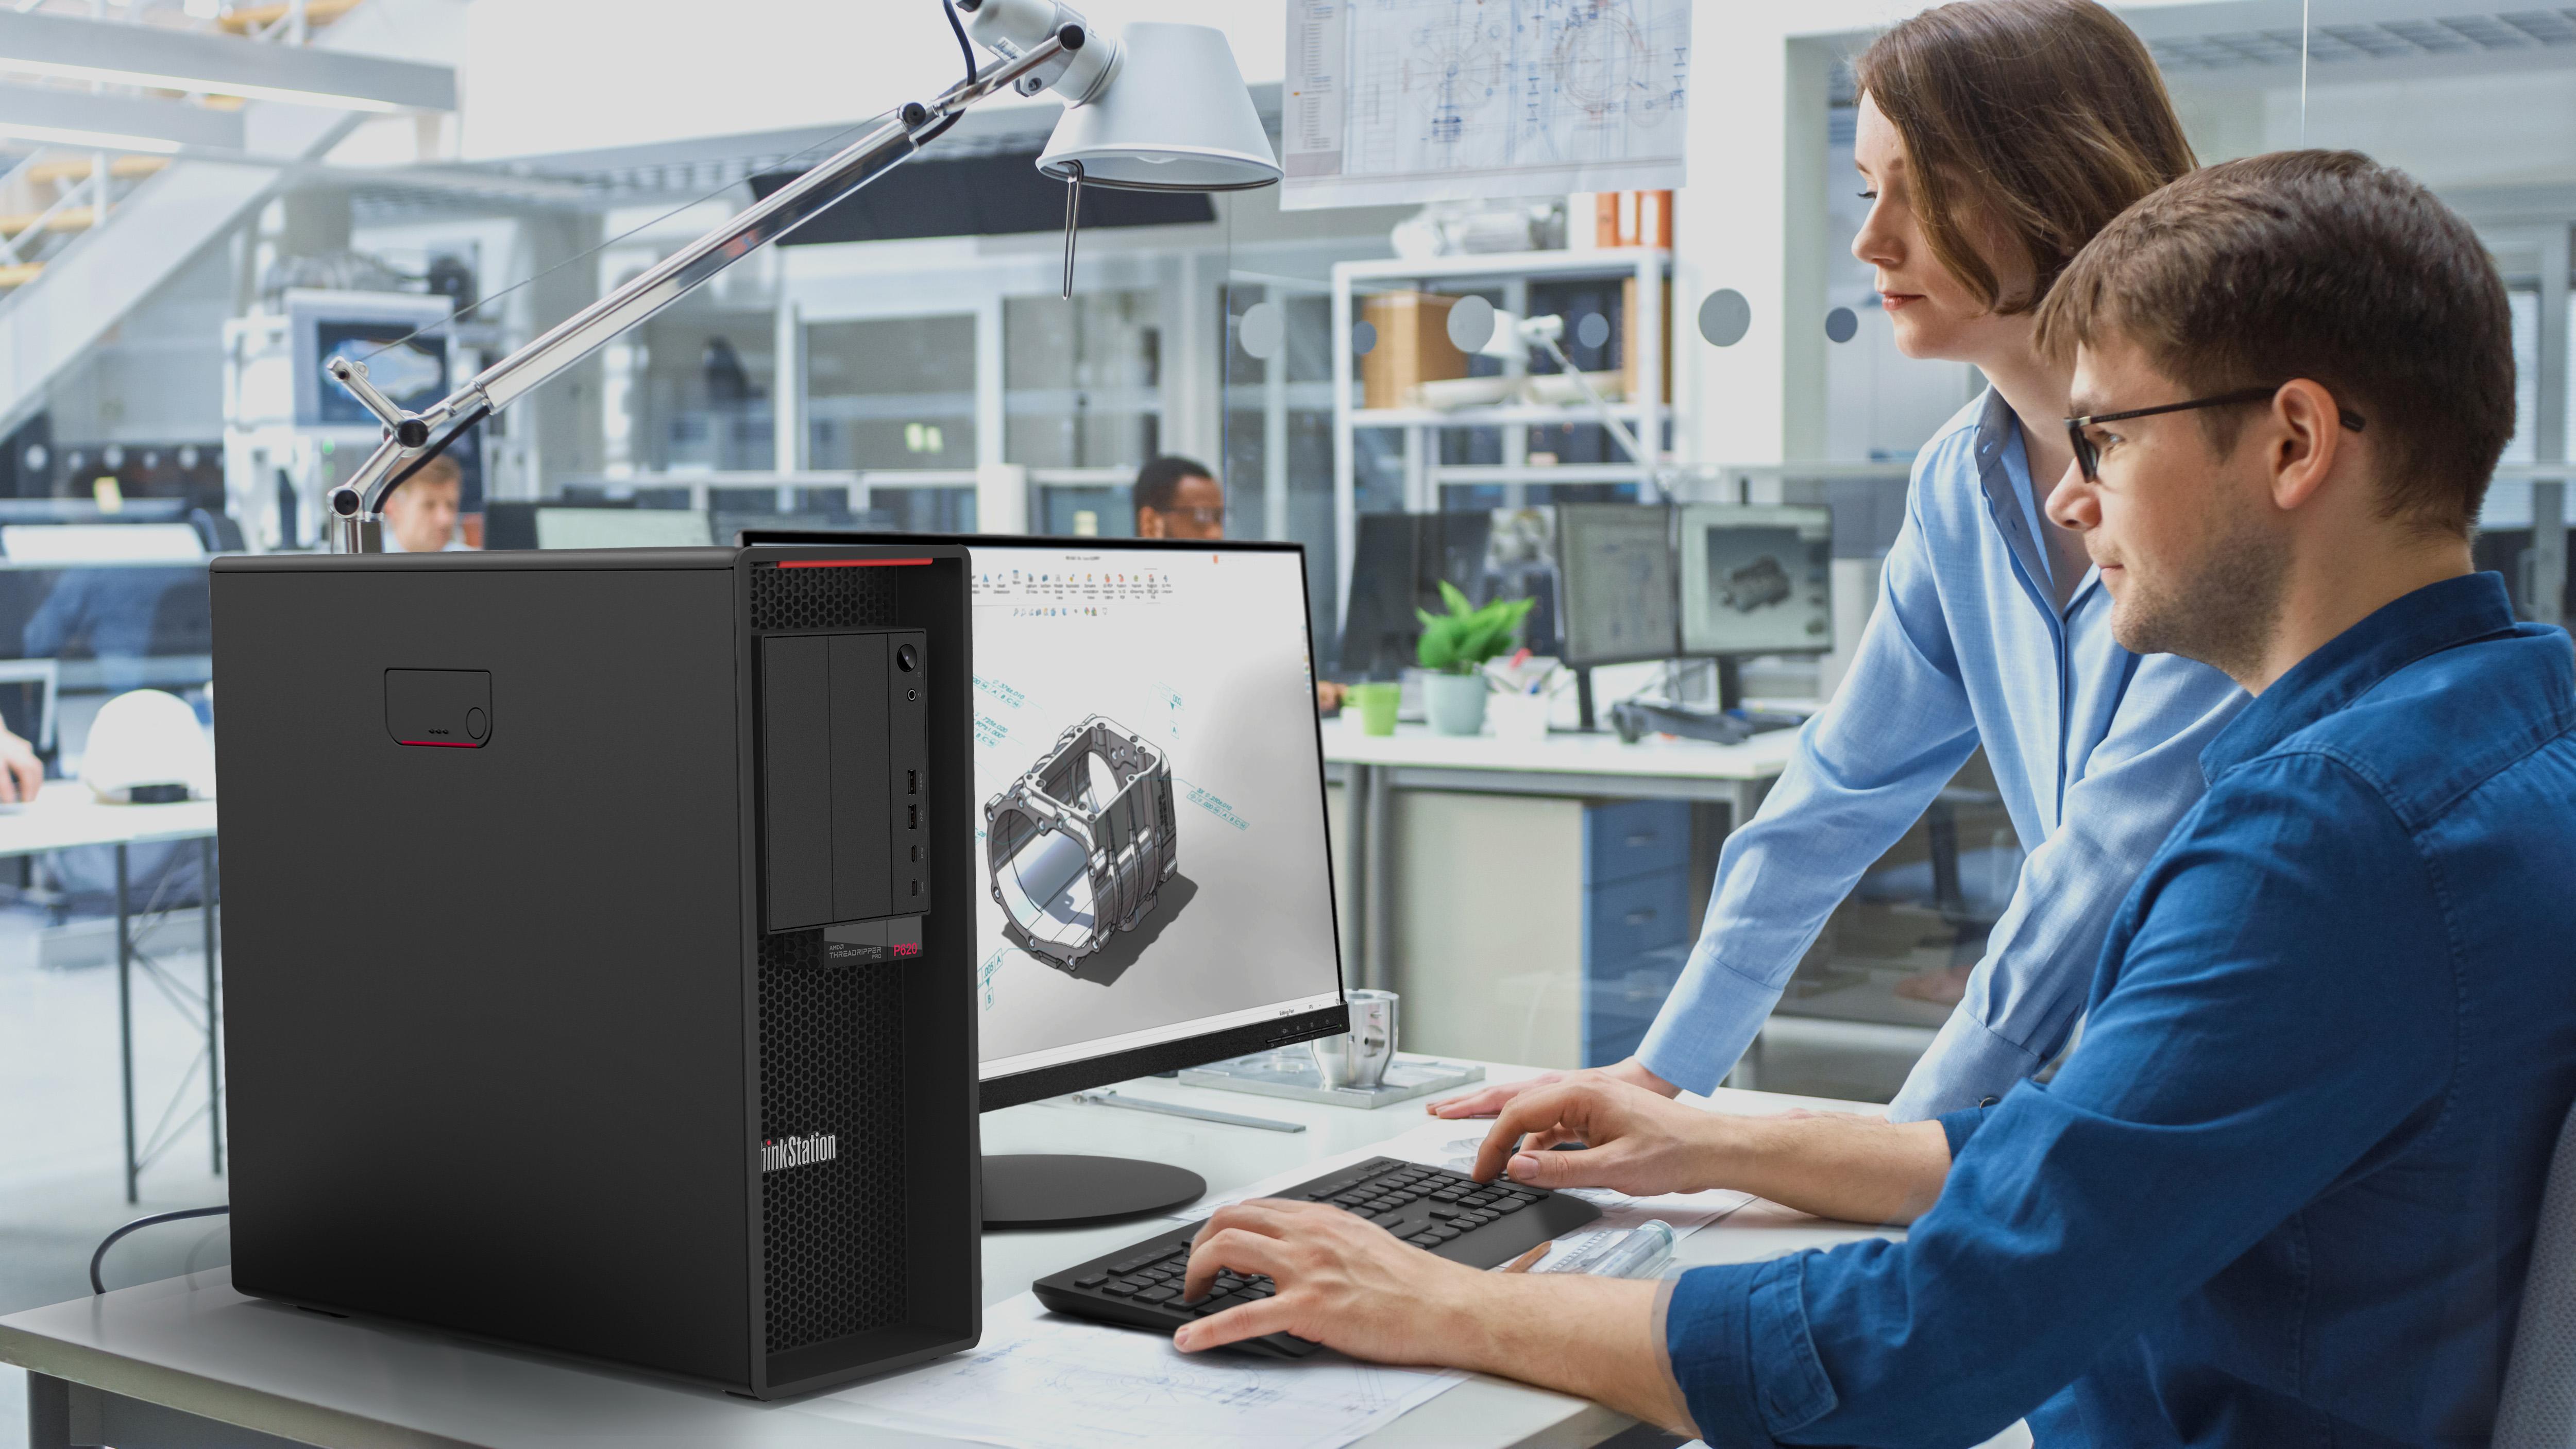 Fakturahantering analog jämfört med digital